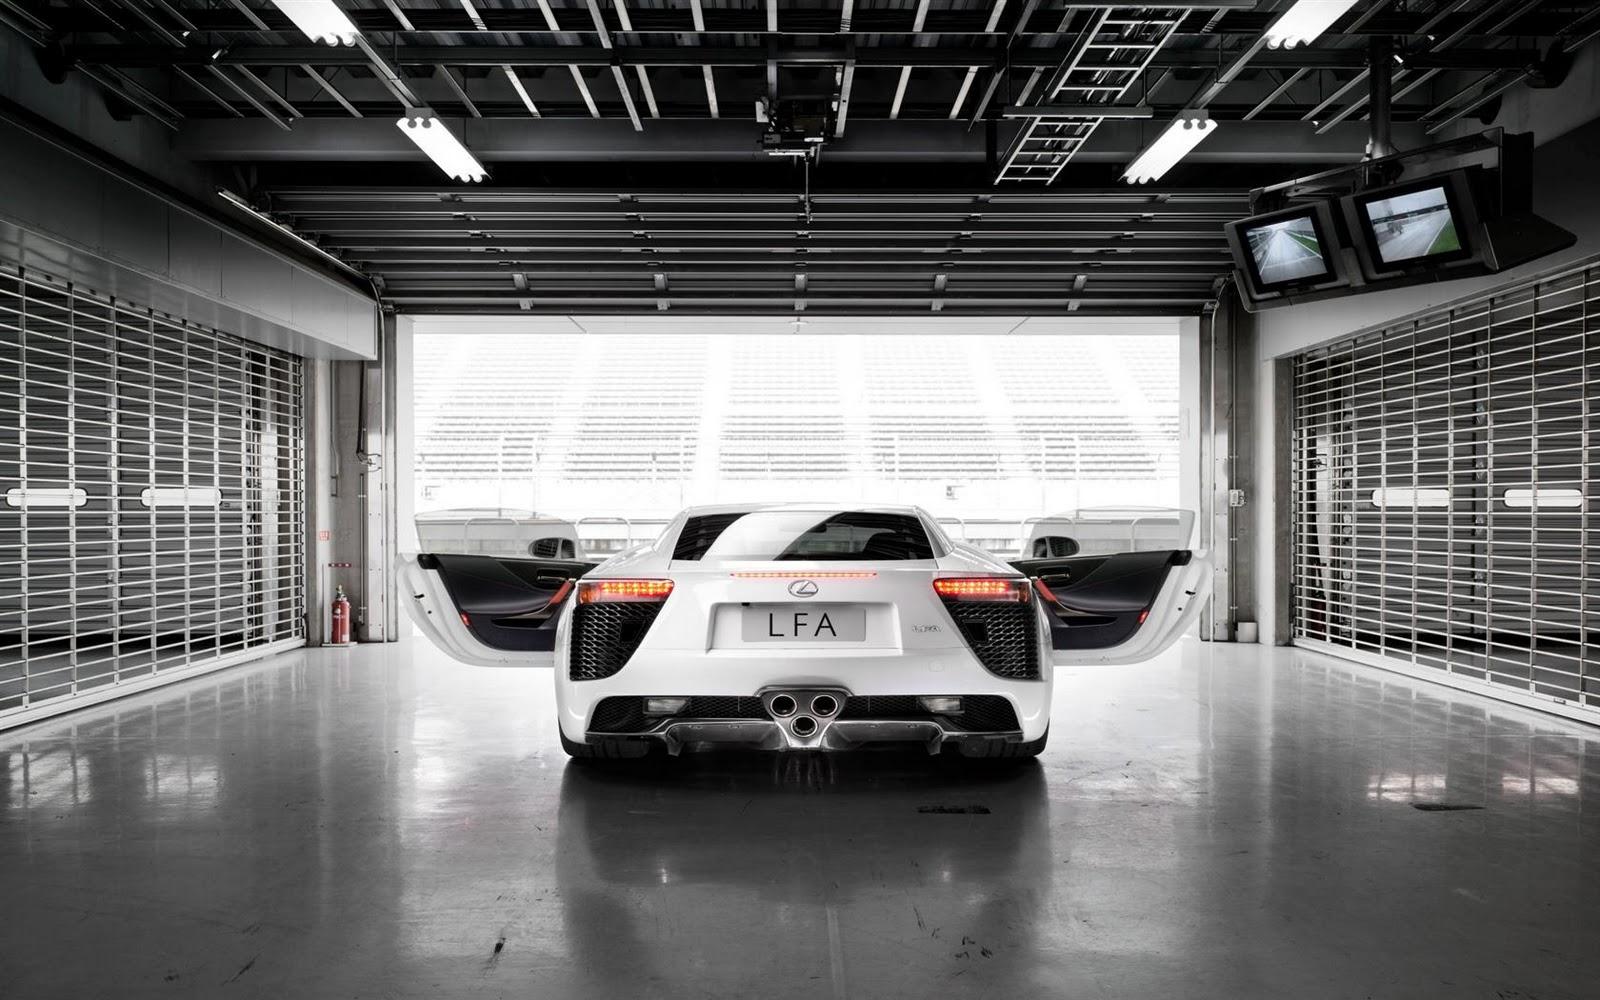 http://4.bp.blogspot.com/-NB7C6E2MJAg/TVpZxuAz7lI/AAAAAAAACek/dwJH2kWfZMg/s1600/Lexus-LFA-Wallpaper.jpg